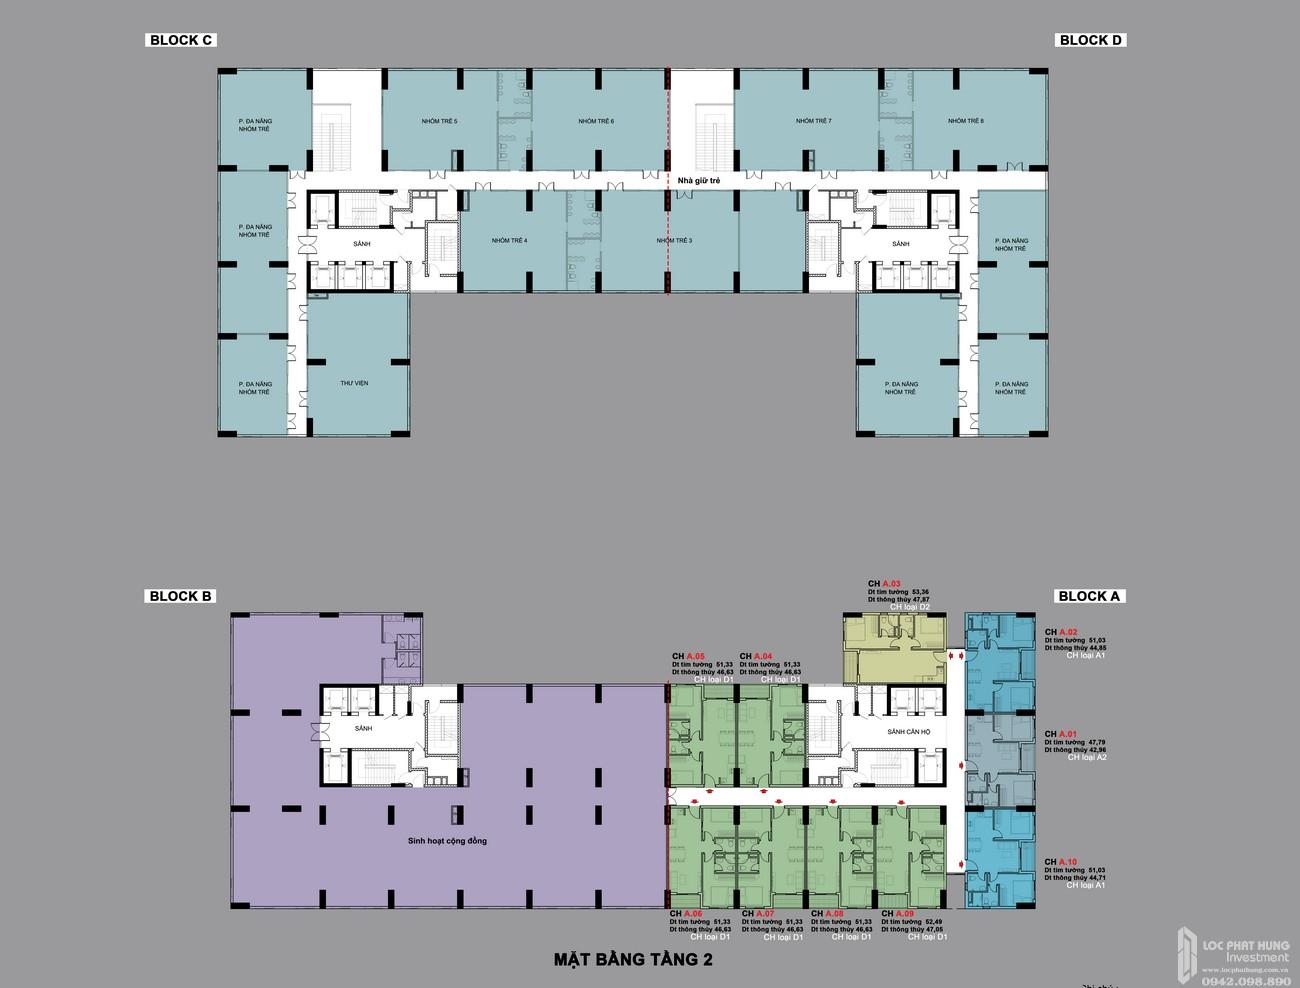 Mặt bằng tầng 2 dự án BCONS PLAZA